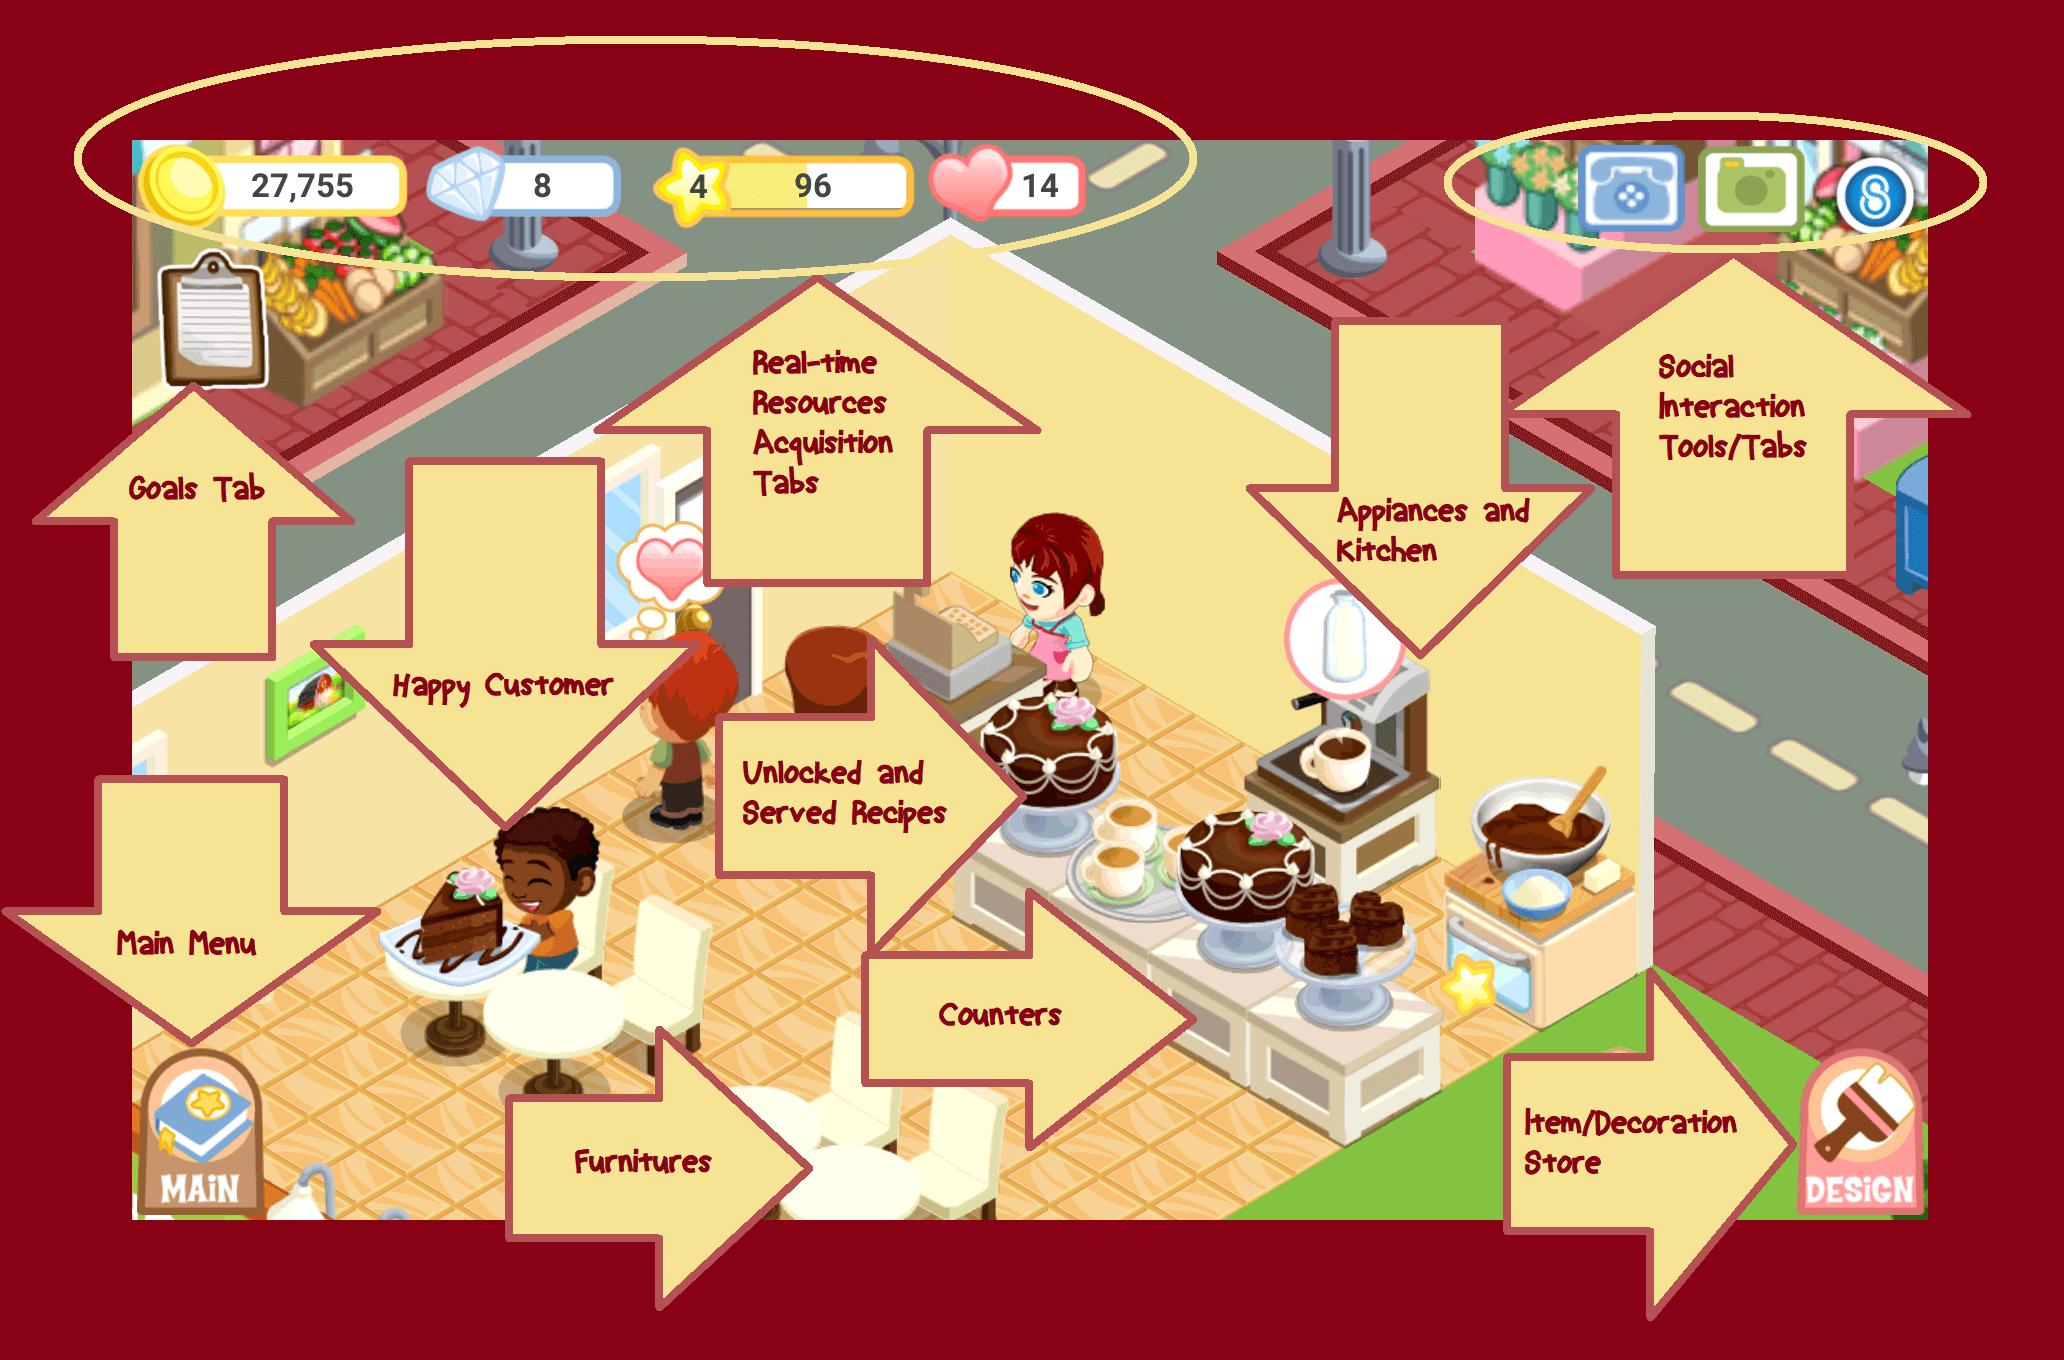 Bakery Story Flowchart